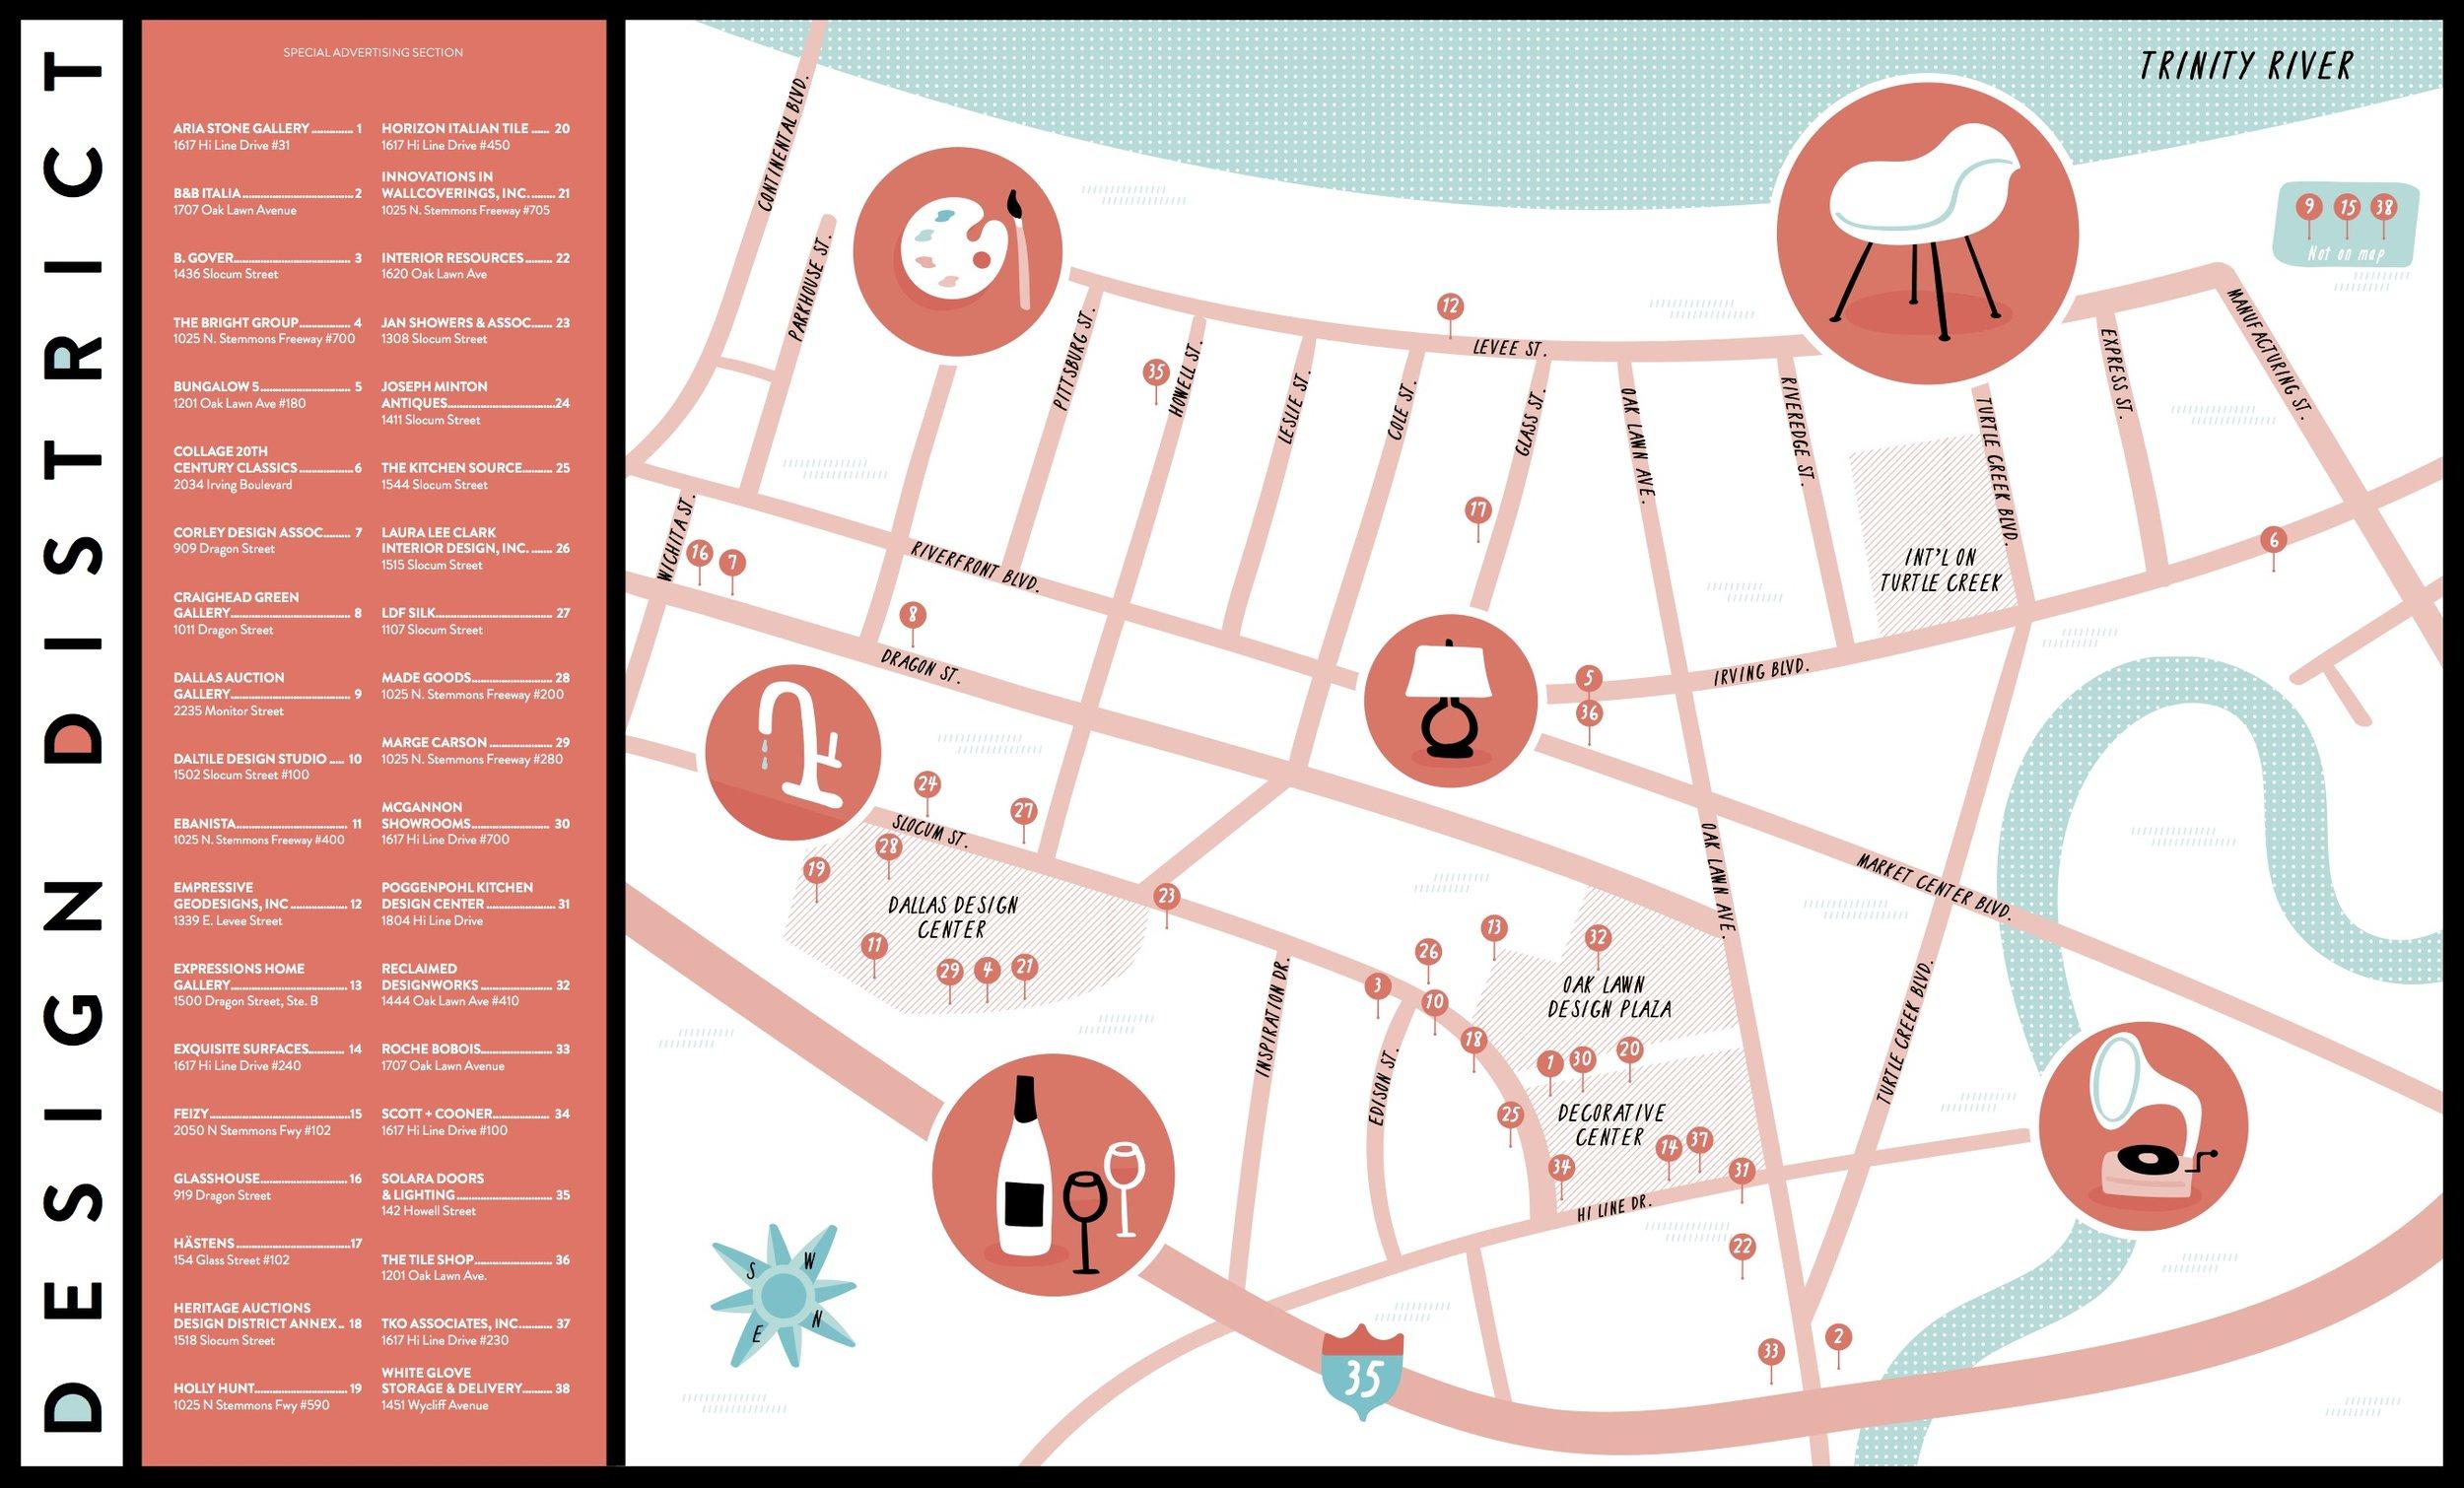 D Magazine - Map location: Dallas, TX